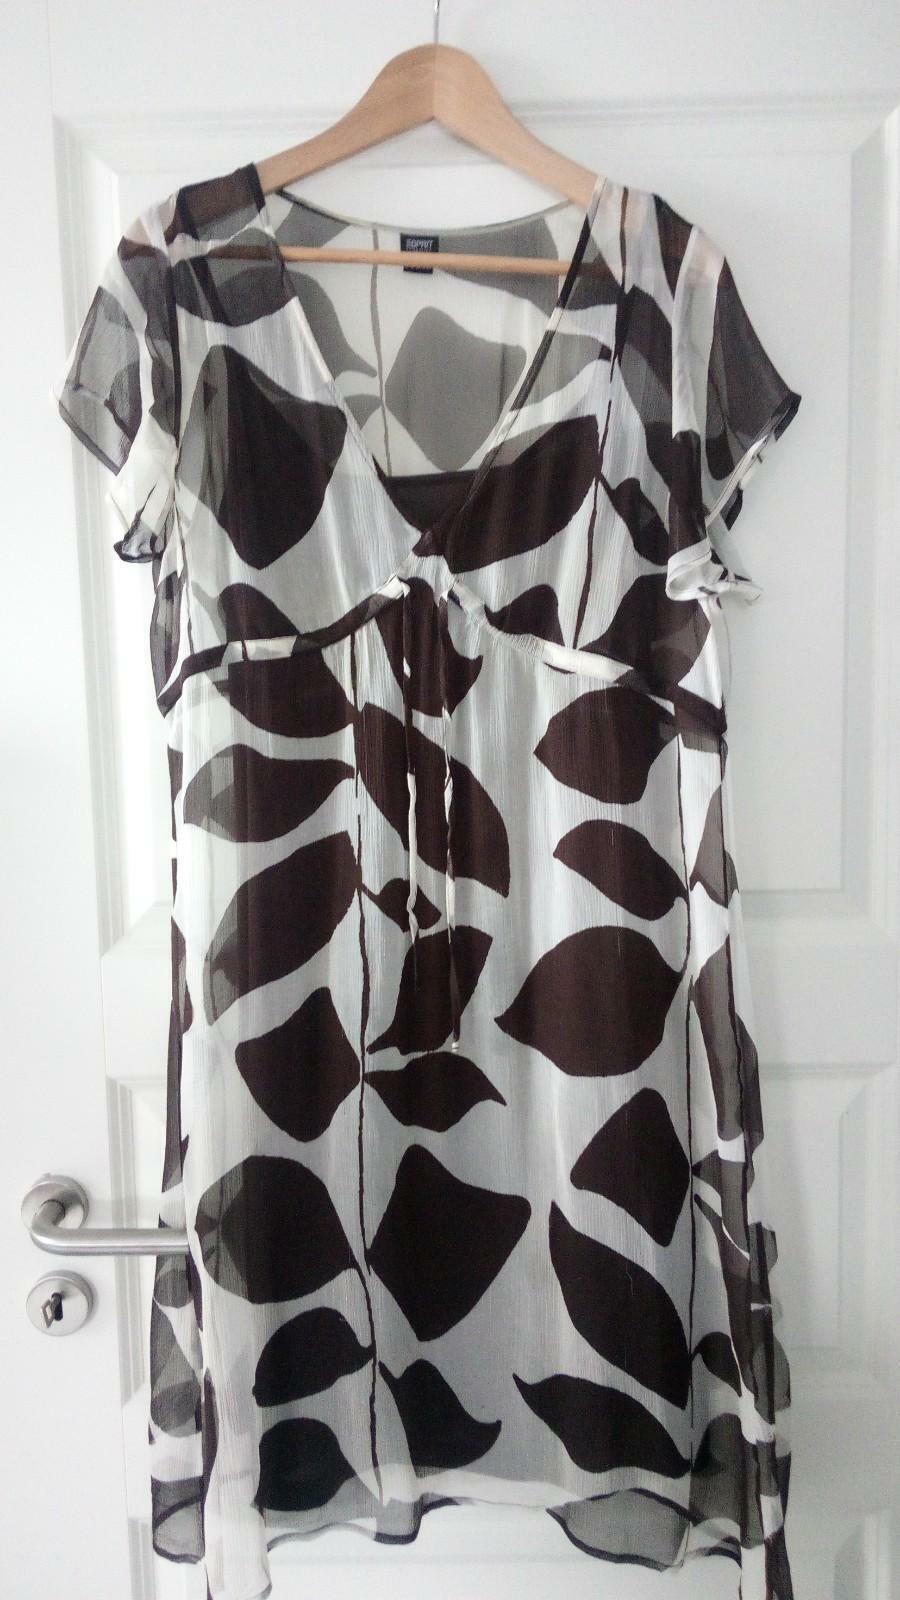 Espritzartes Seidenkleid mit braunen Trägerkleid Größe 42   XL XL XL | Bestellungen Sind Willkommen  | Umweltfreundlich  | Billig ideal  036bf4